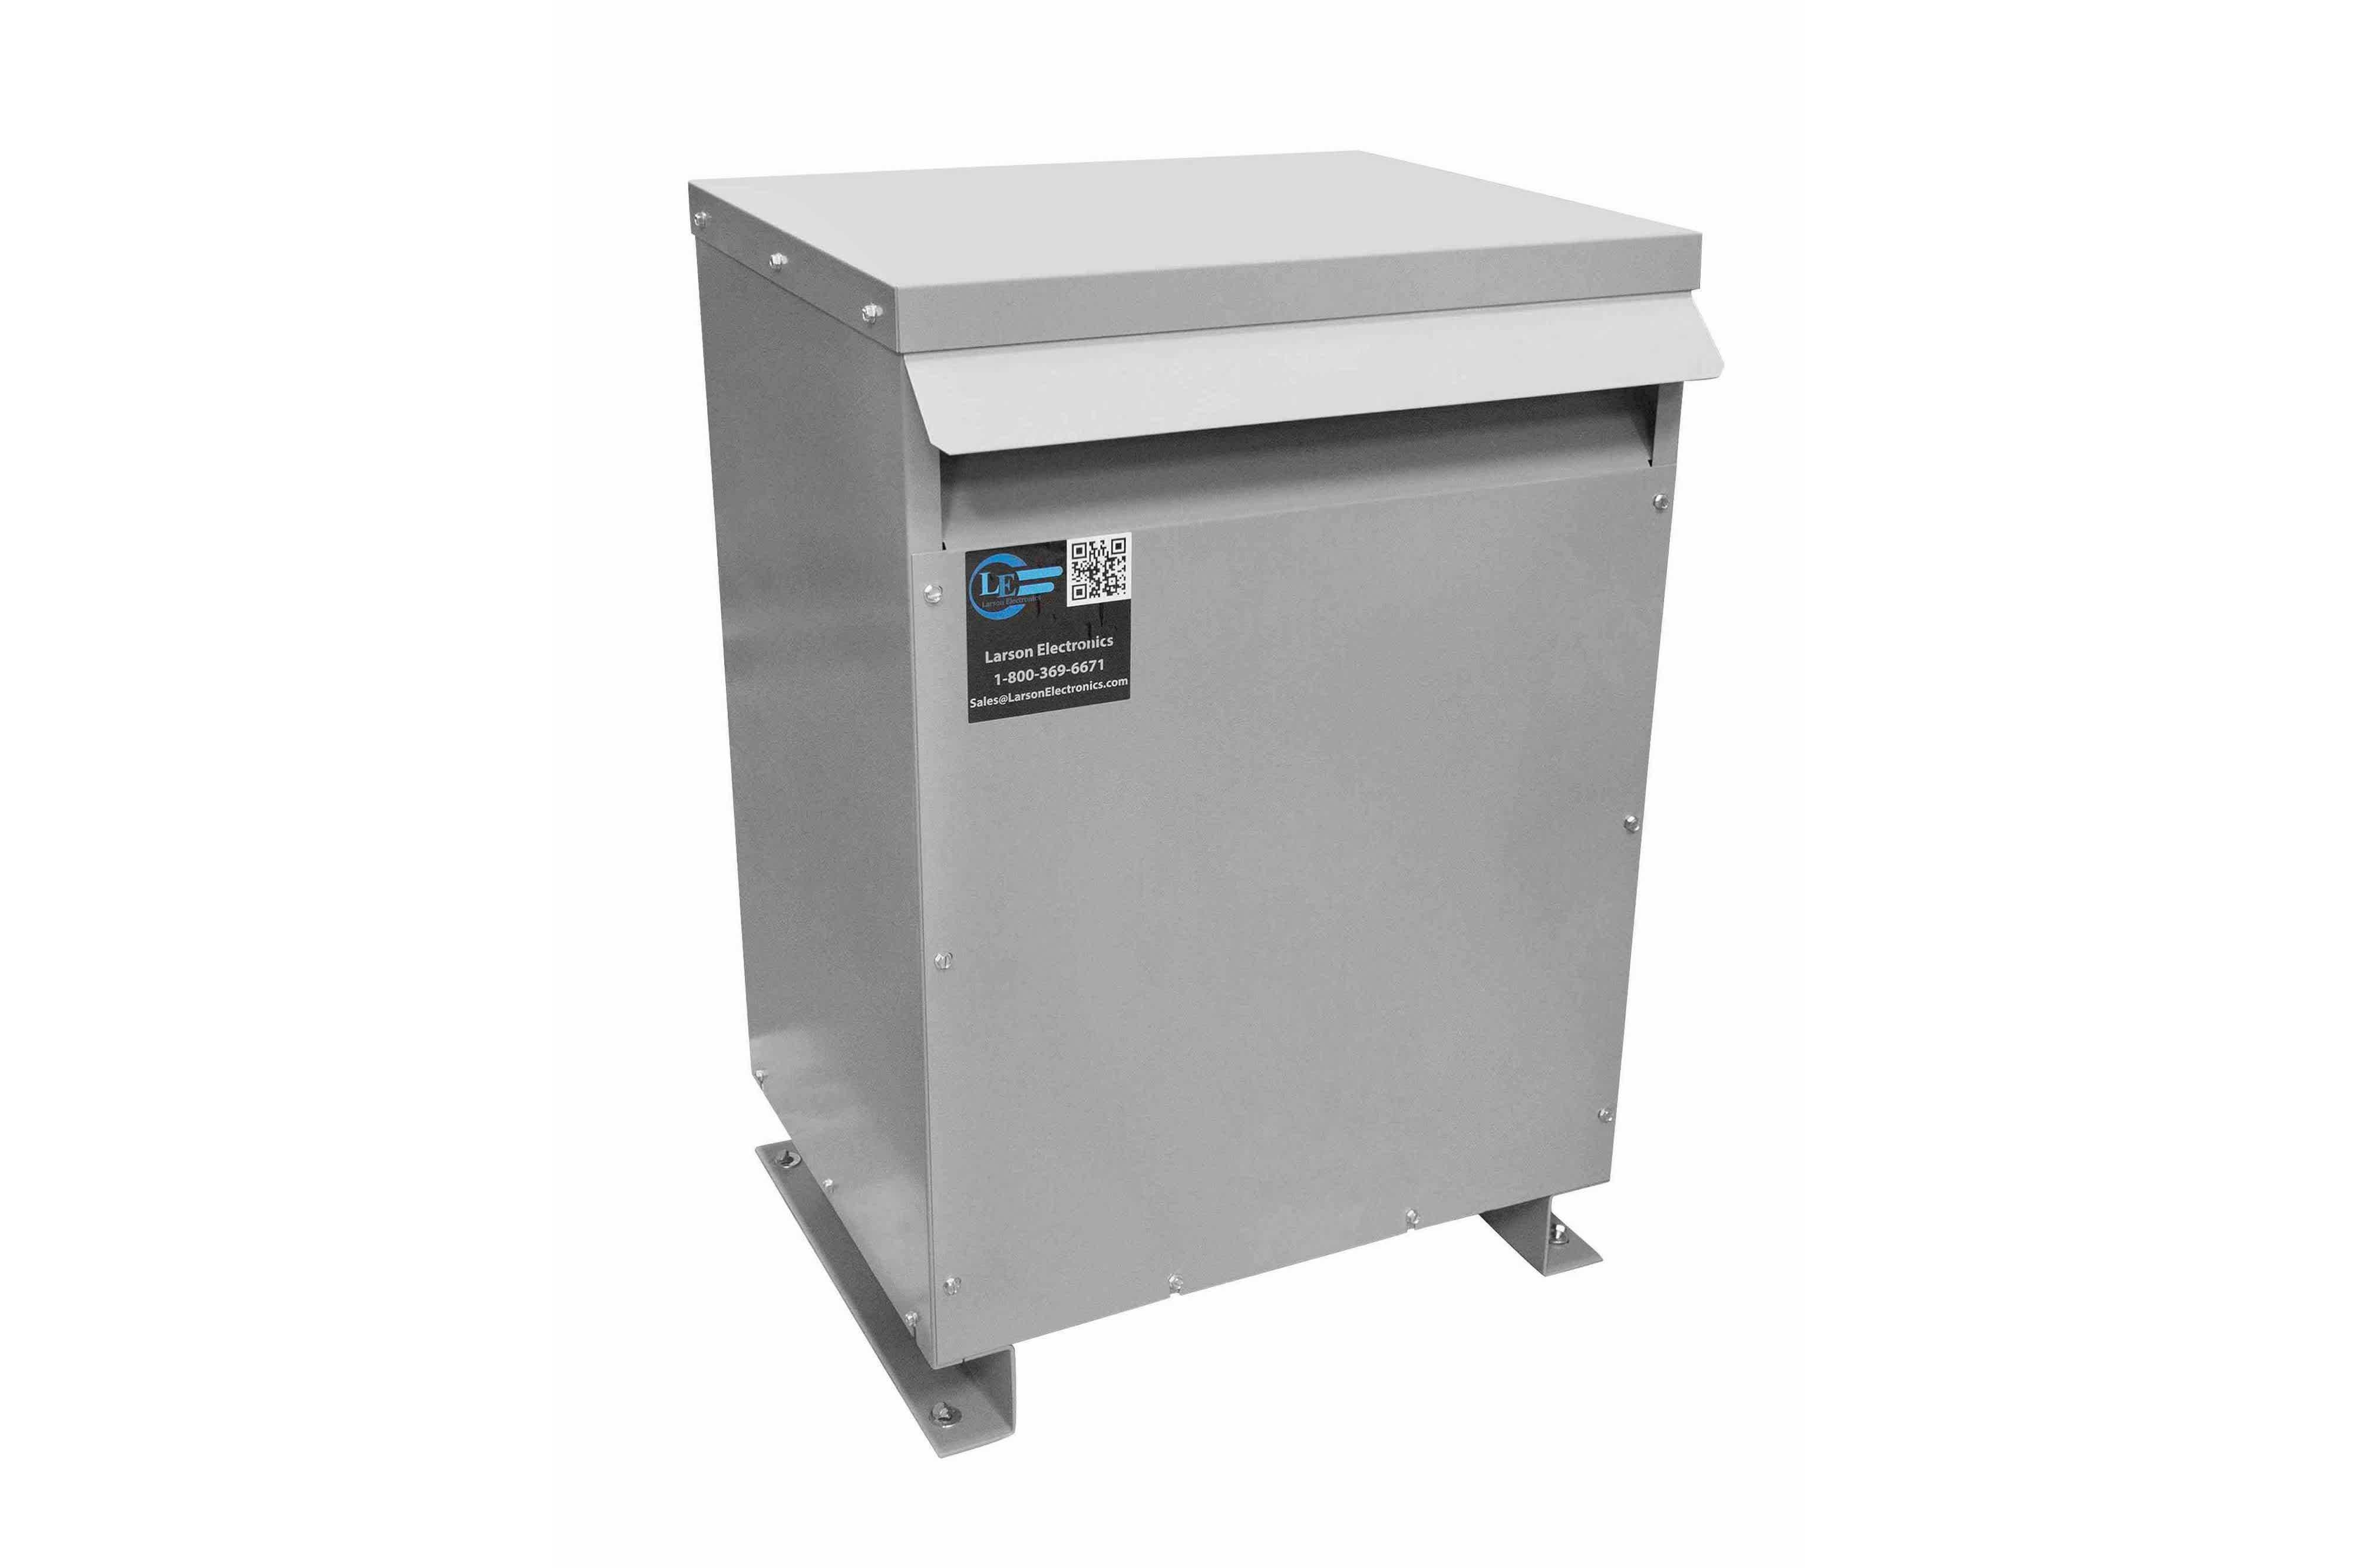 112.5 kVA 3PH DOE Transformer, 575V Delta Primary, 240V/120 Delta Secondary, N3R, Ventilated, 60 Hz